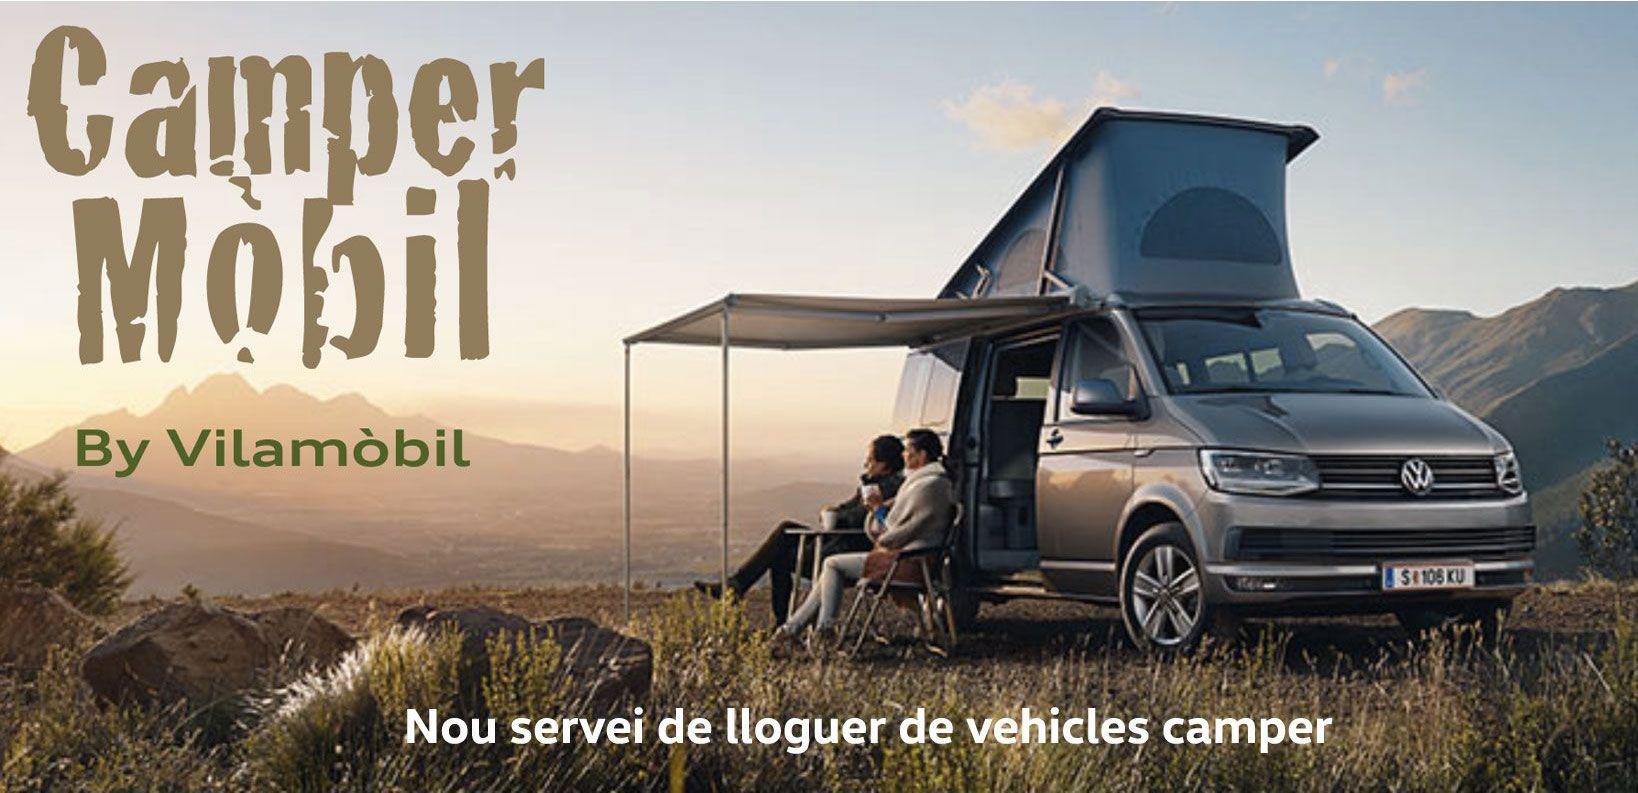 Campermòbil, lloguer de vehicles camper i califòrnia